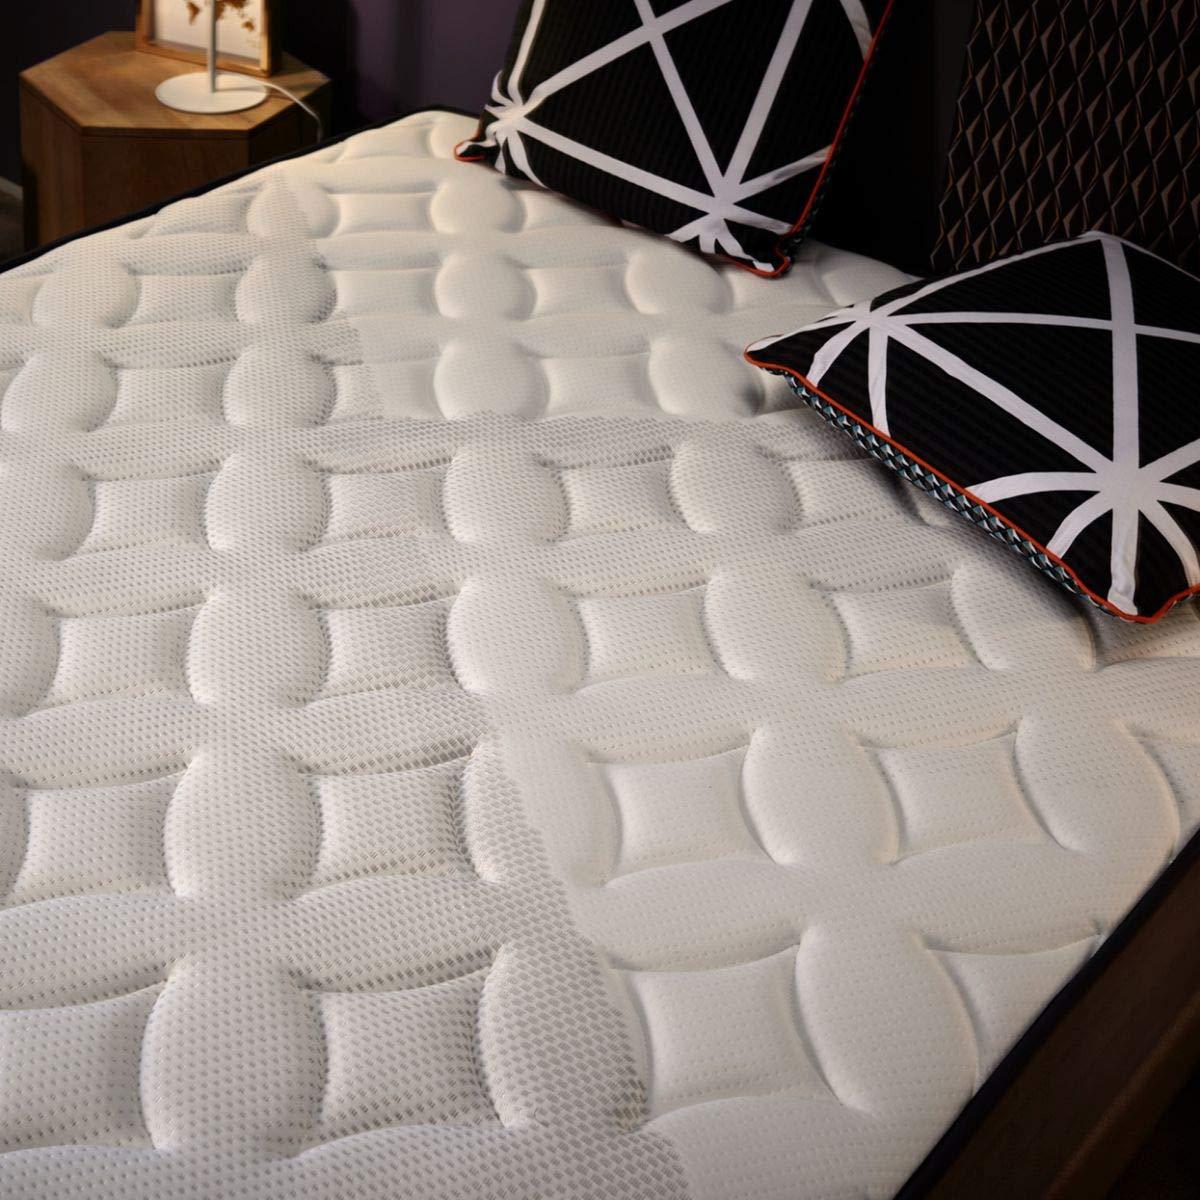 Colchon 90x190 viscoelastico Memory Royal de altura 22cm, 4 cm Viscosensitive de Komfortland: Amazon.es: Juguetes y juegos